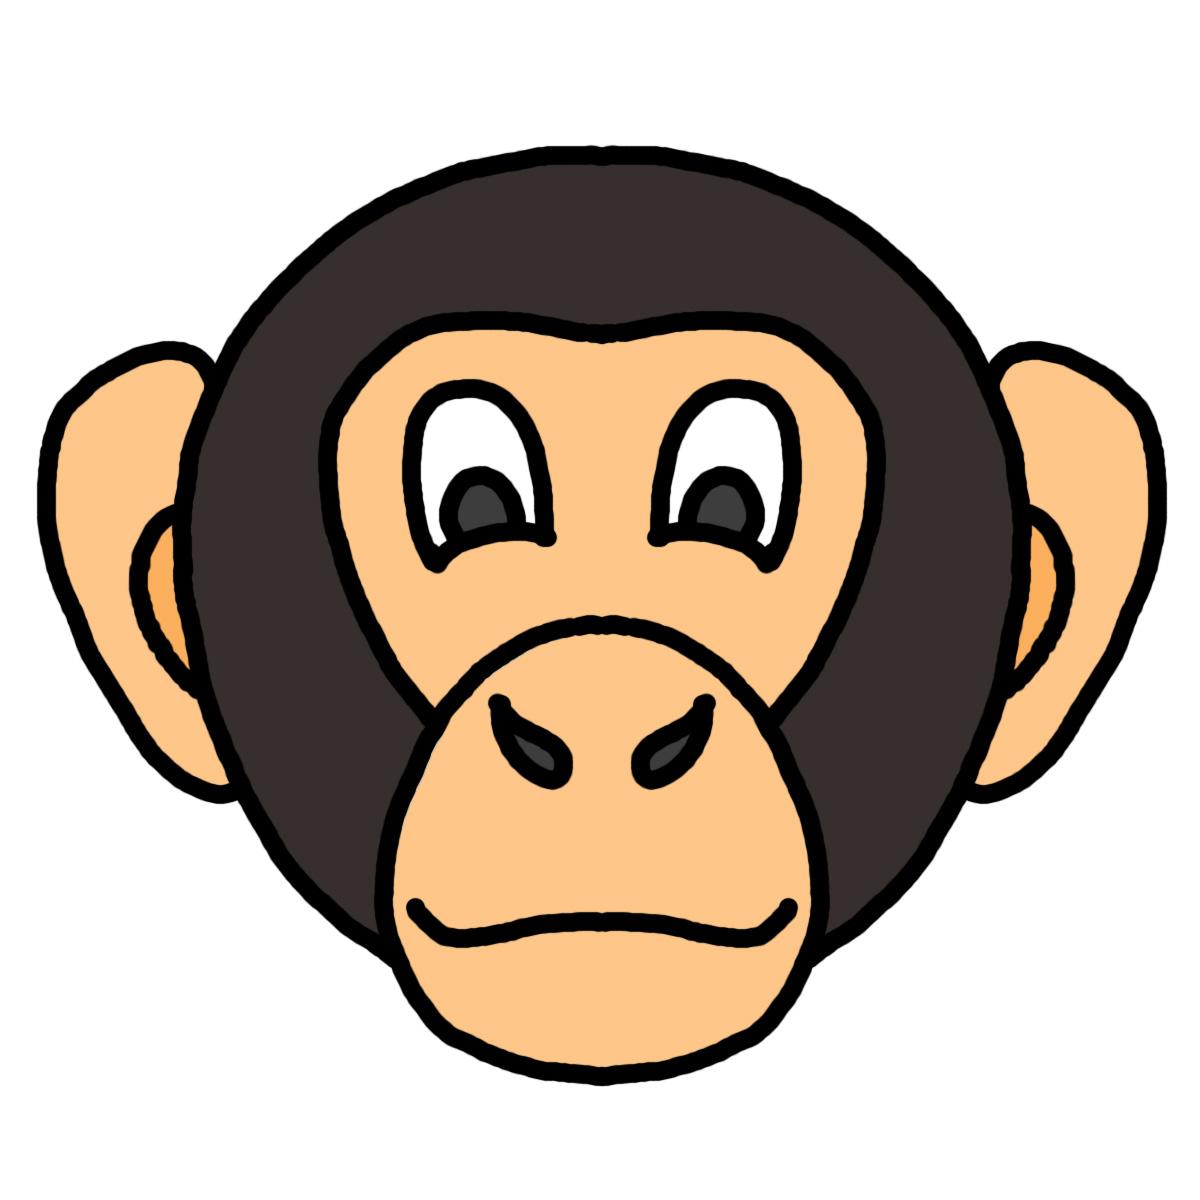 Monkey face clip art clipartfest 2